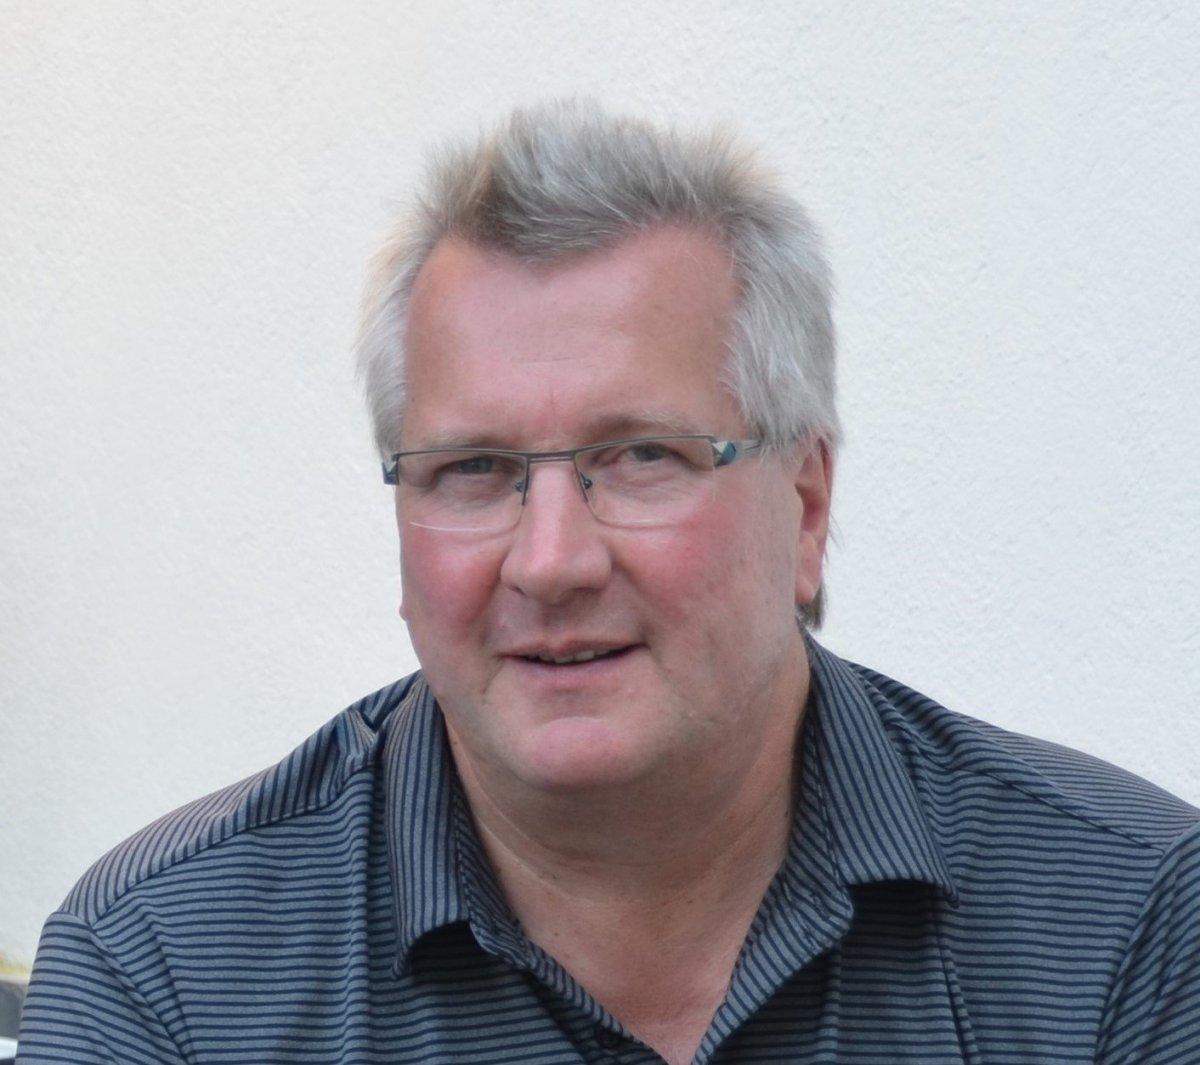 Lutz Harder